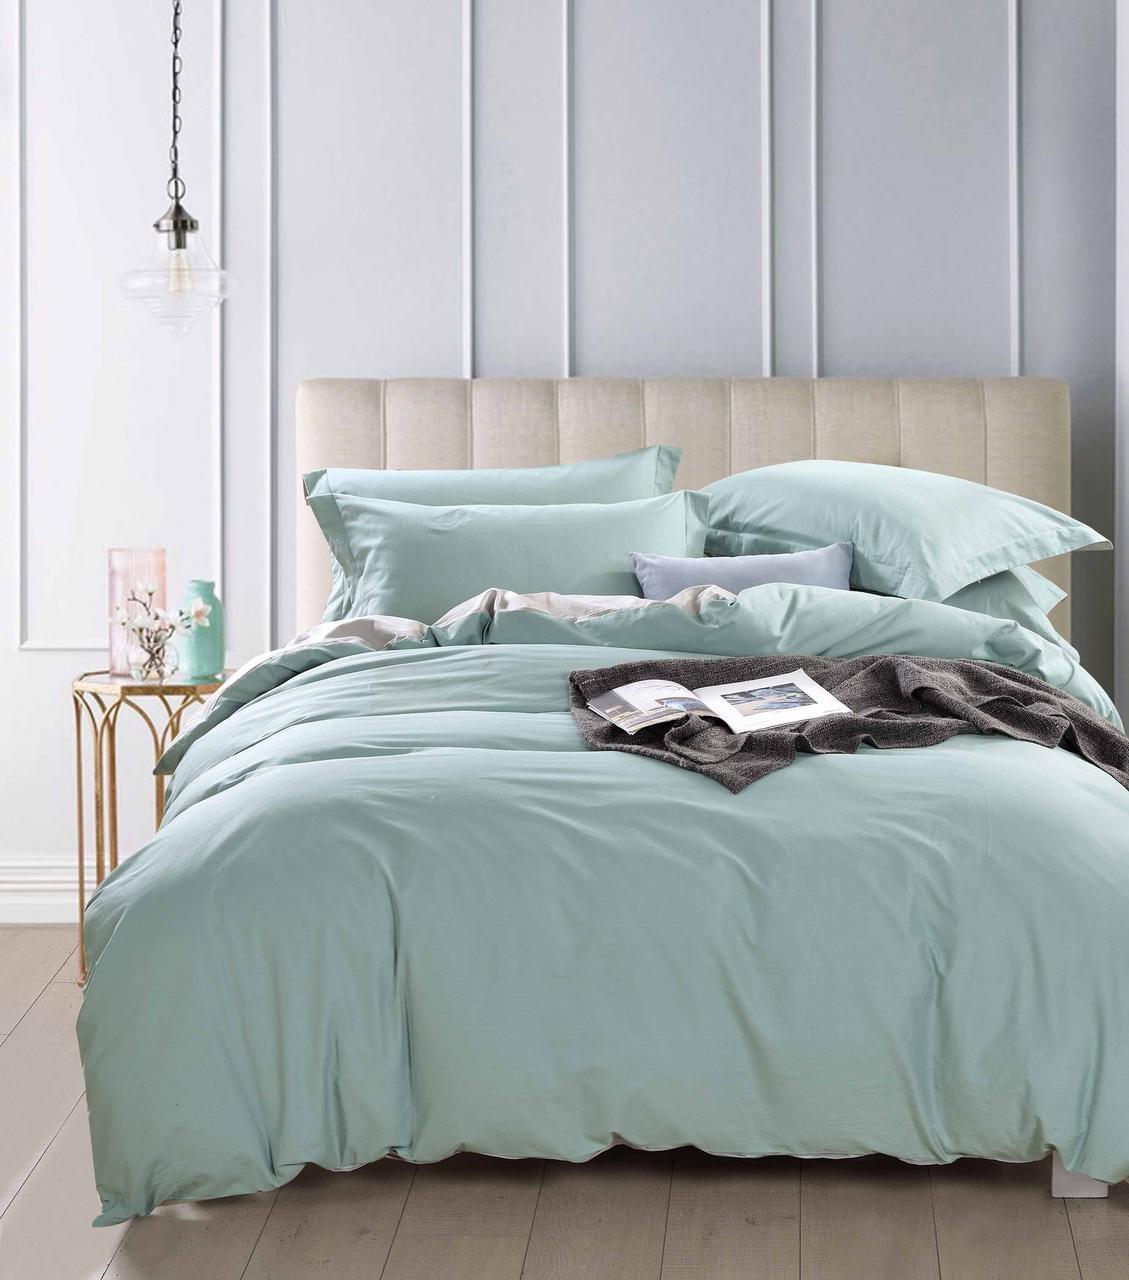 Комплект постельного белья семейный Bella Villa сатин бежево-коричневый